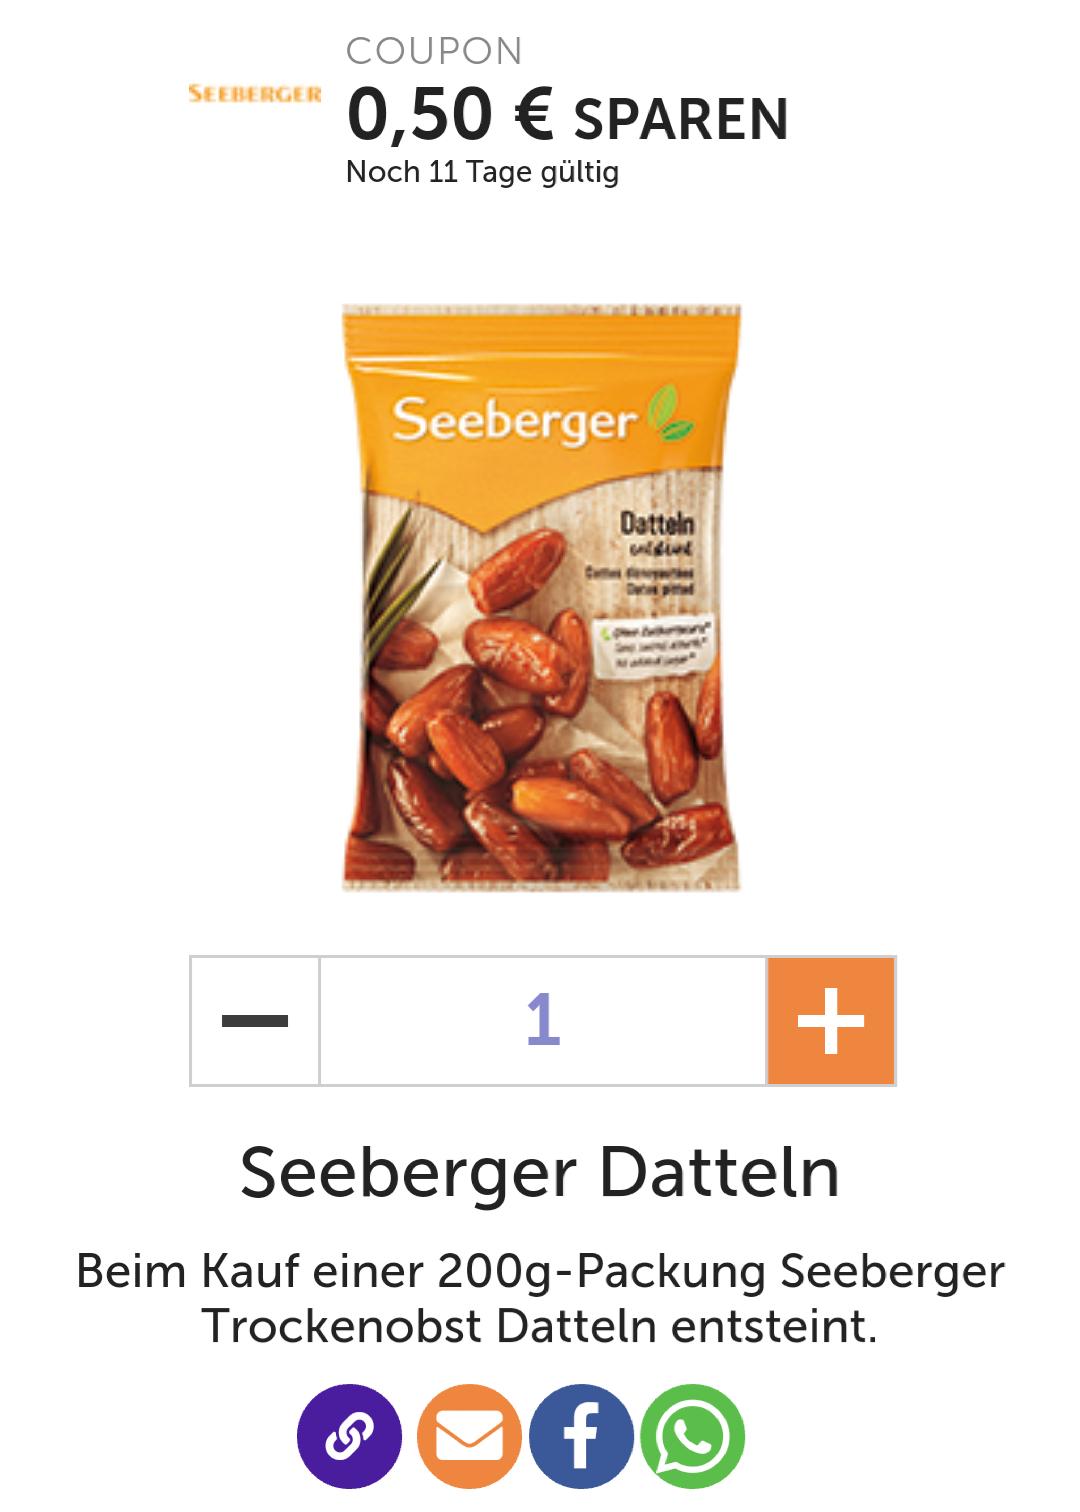 0,50€ auf Seeberger Trockenobst Datteln entsteint 200g